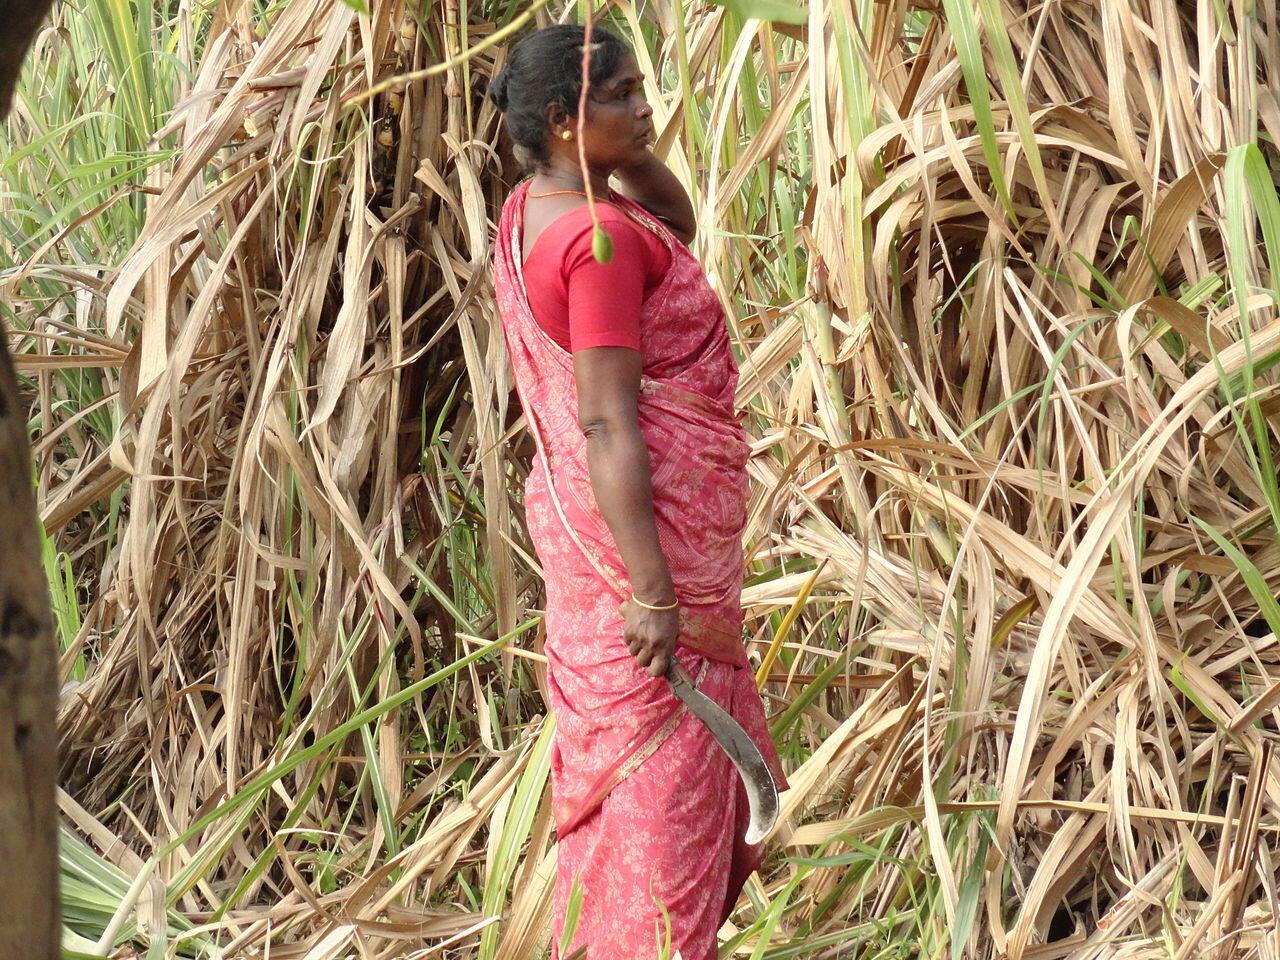 Une femme dans une plantation de canne à sucre, près de Damalcheruvu (sud de l'Inde), en 2012.